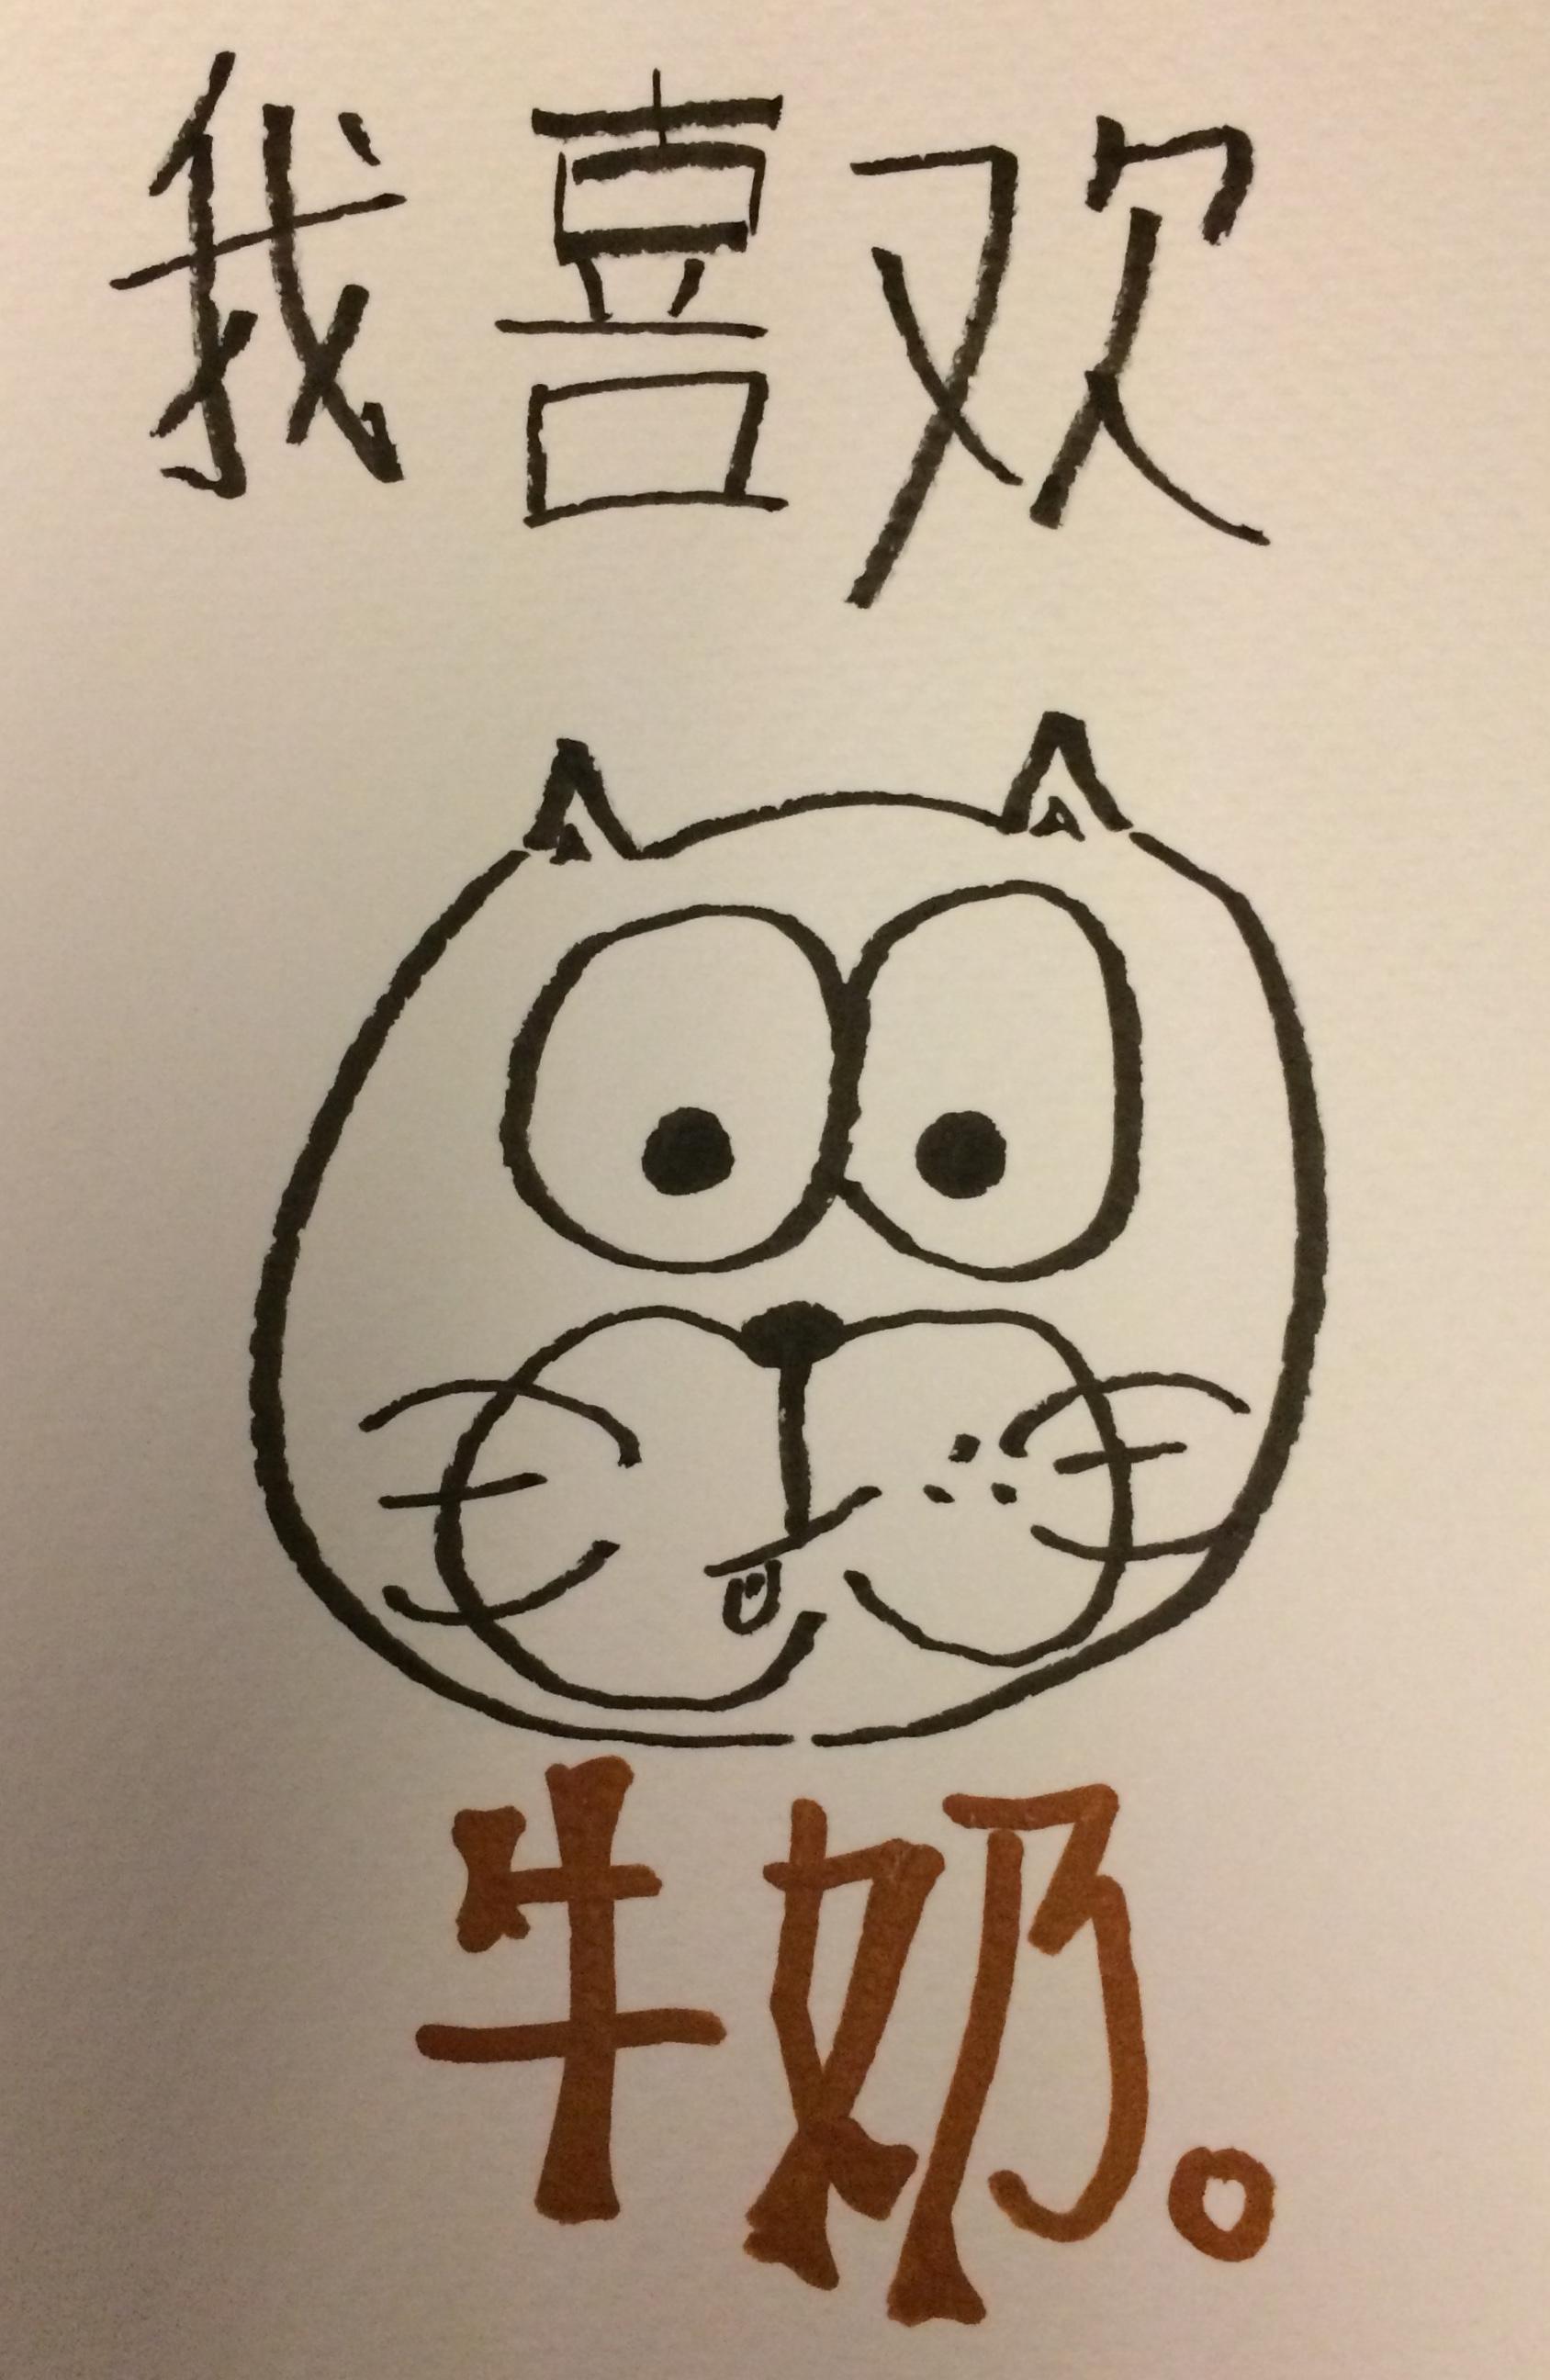 我喜欢牛奶 かわいい ドイツ語 仔猫 描く コミックス comics kitten kätzchen drawing ink